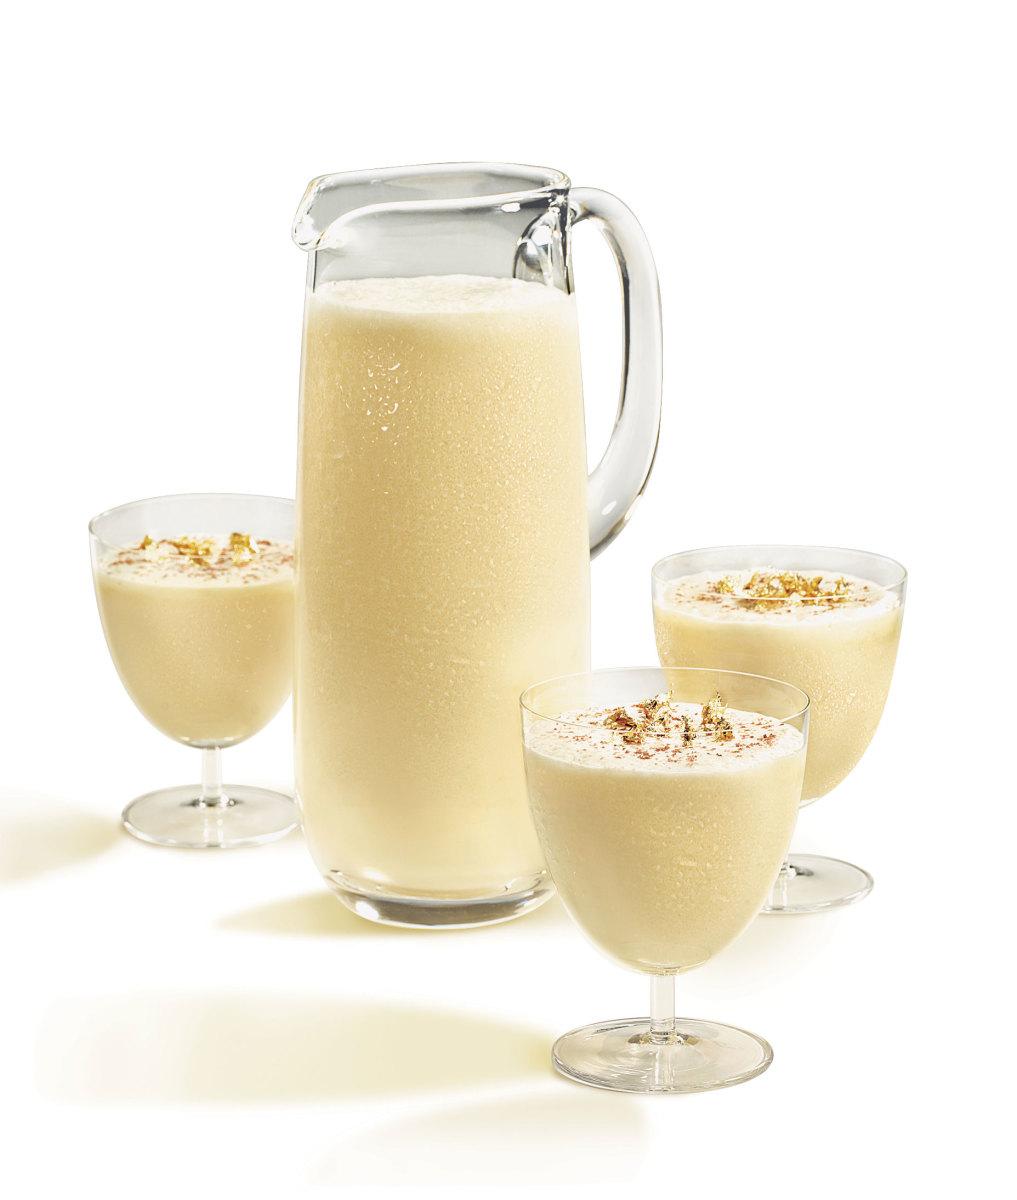 Easy Eggnog Recipes - Low-Fat, Fat-Free, Sugar-Free, Dairy-Free